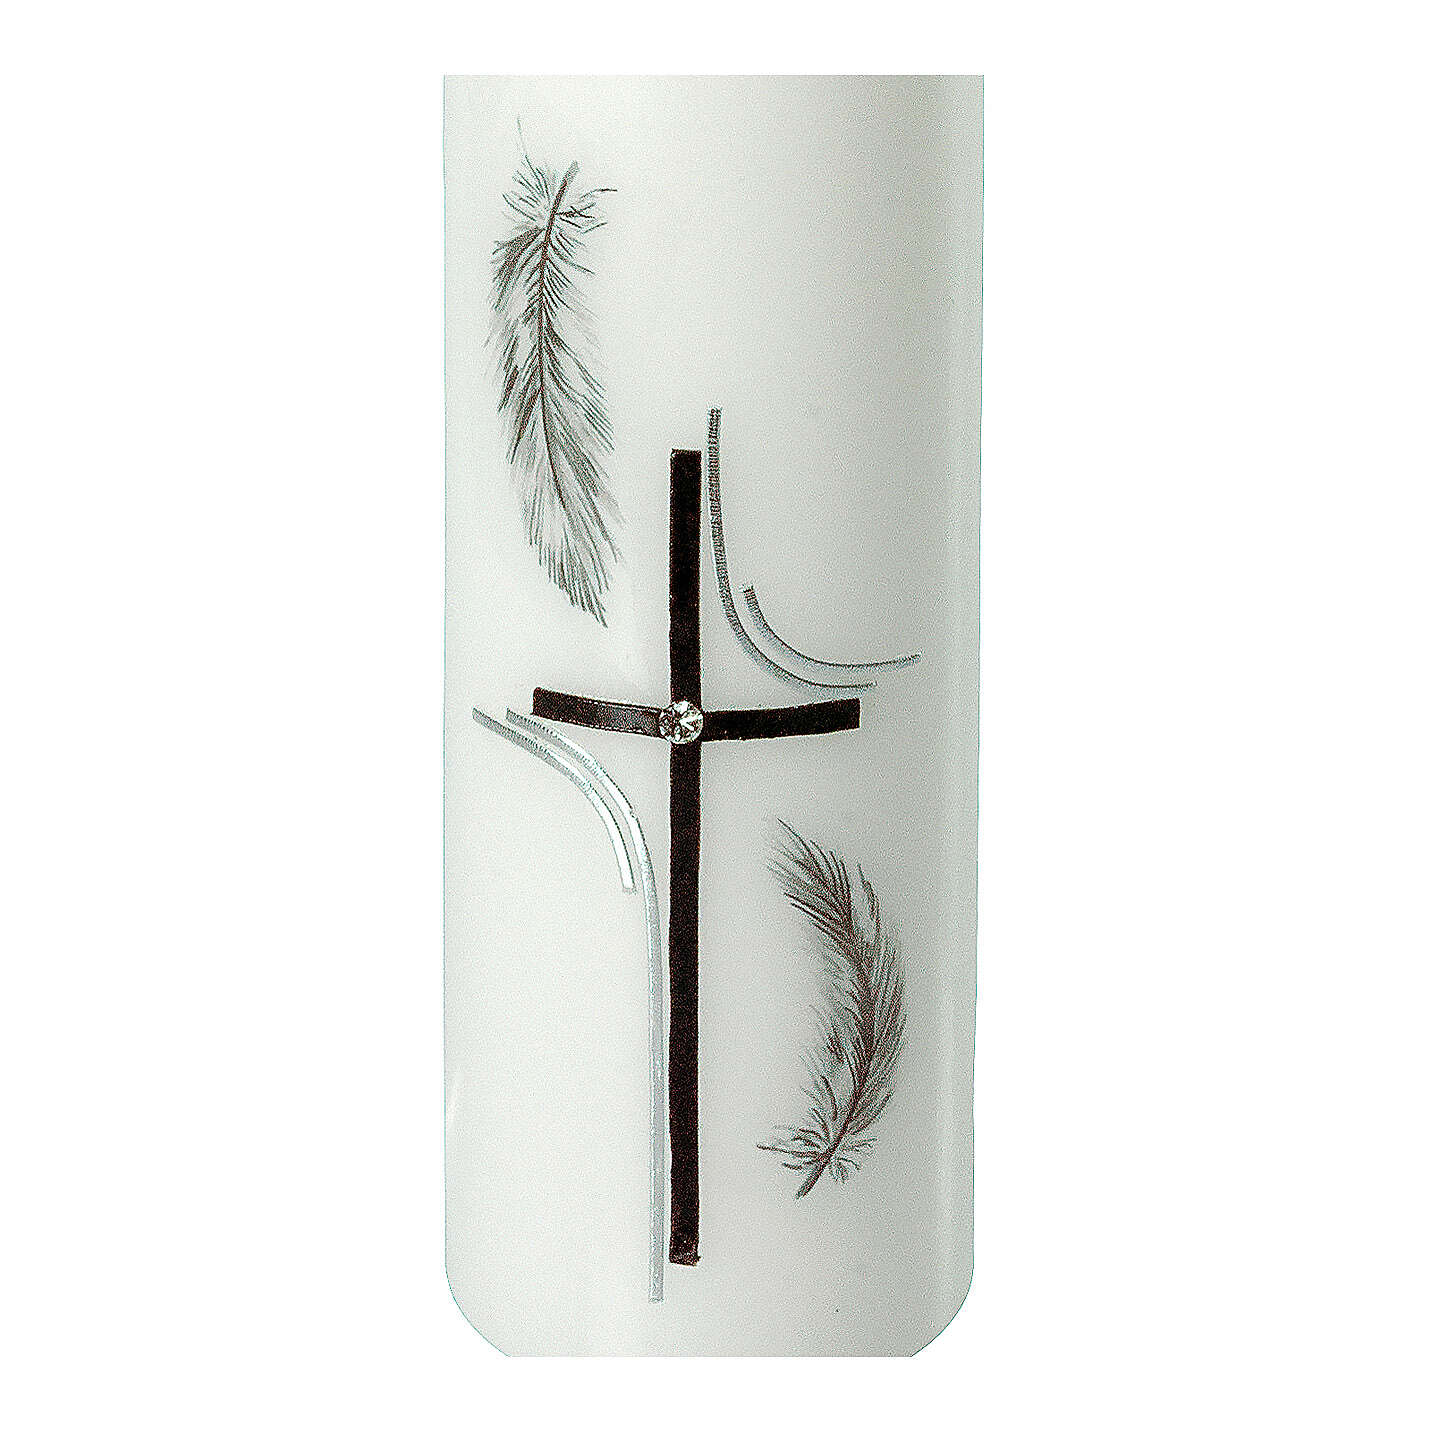 Grabkerze mit schwarzen Federn und Kreuz, 165x50 mm 3